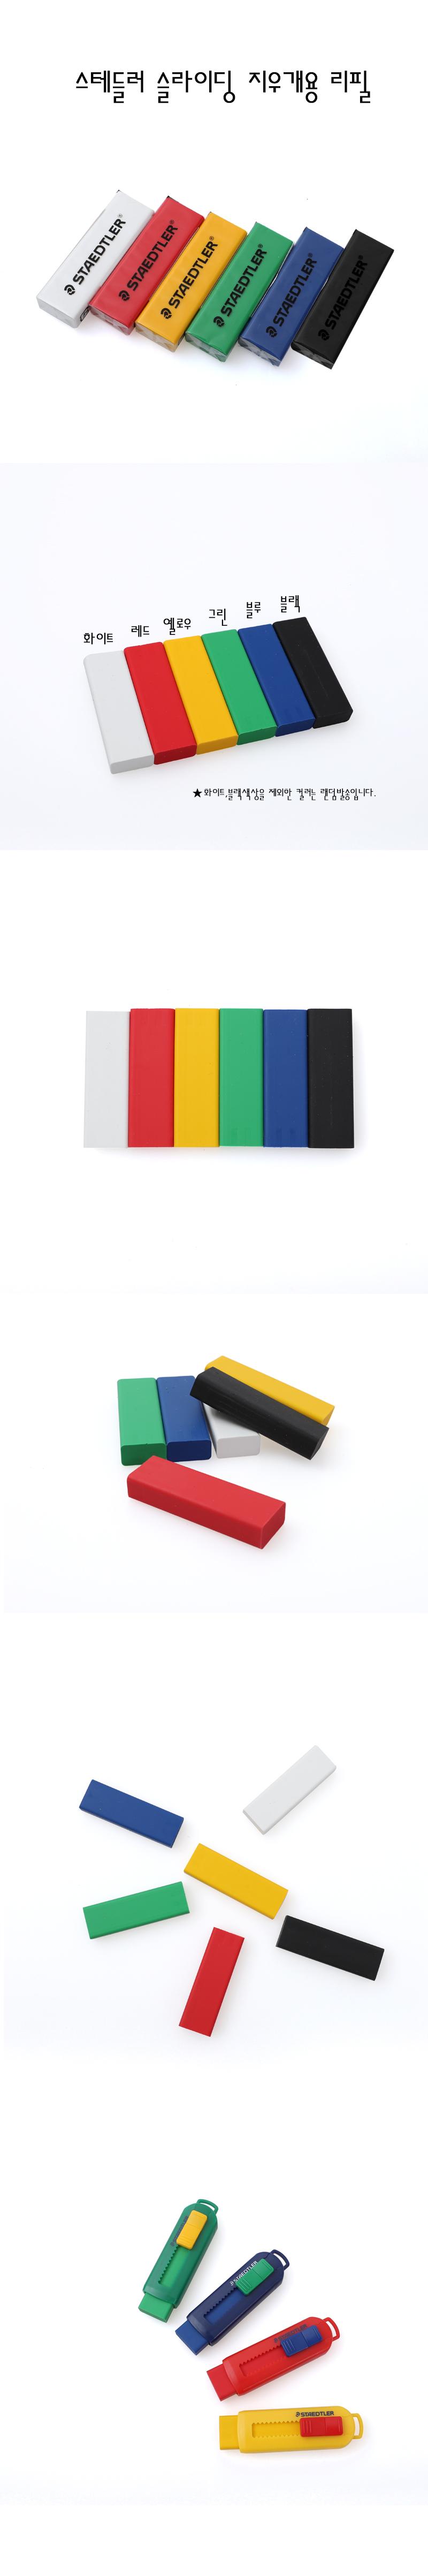 스테들러 525 슬라이딩지우개 리필 - 제이펜즈, 900원, 지우개/수정액, 베이직 지우개